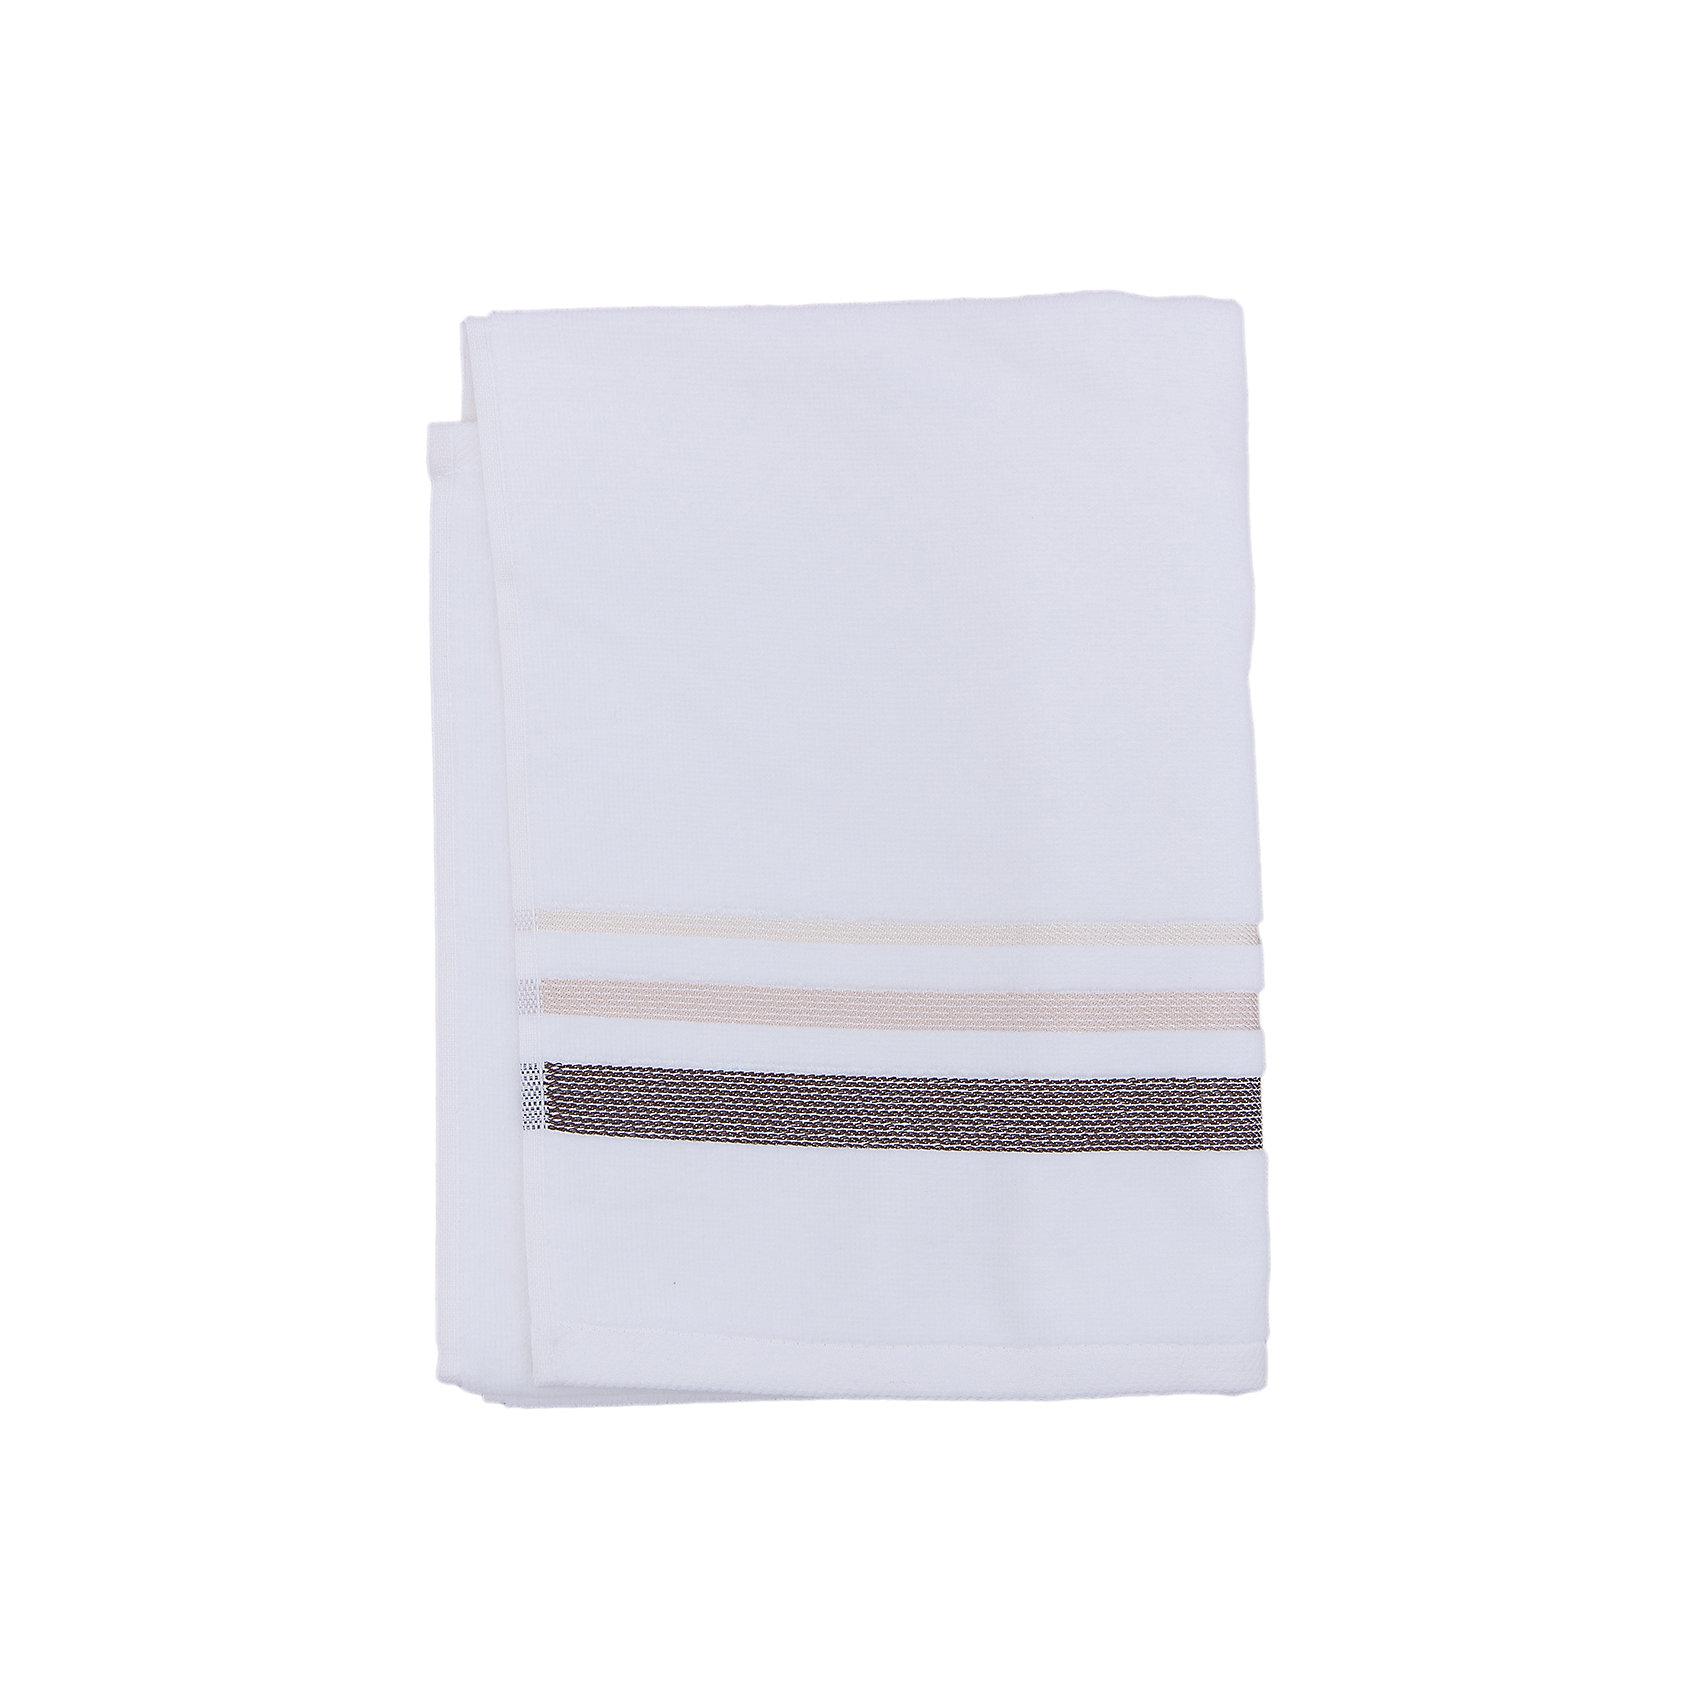 Полотенце подарочное FUSION махровое 50*90, TAC, бежевыйДомашний текстиль<br>Характеристика: <br><br>- Материал: махра (100% хлопок).<br>- Размер: 50х90 см.<br>- Плотность: 450гр/м2.<br>- Размер упаковки: 24х3х33 см.<br>- Цвет: бежевый.<br><br>Яркое и в тоже время нежное махровое полотенце будет прекрасным подарком к любому празднику!<br><br>Полотенце подарочное FUSION махровое, можно купить в нашем магазине.<br><br>Ширина мм: 240<br>Глубина мм: 30<br>Высота мм: 330<br>Вес г: 400<br>Возраст от месяцев: 0<br>Возраст до месяцев: 84<br>Пол: Унисекс<br>Возраст: Детский<br>SKU: 5124063